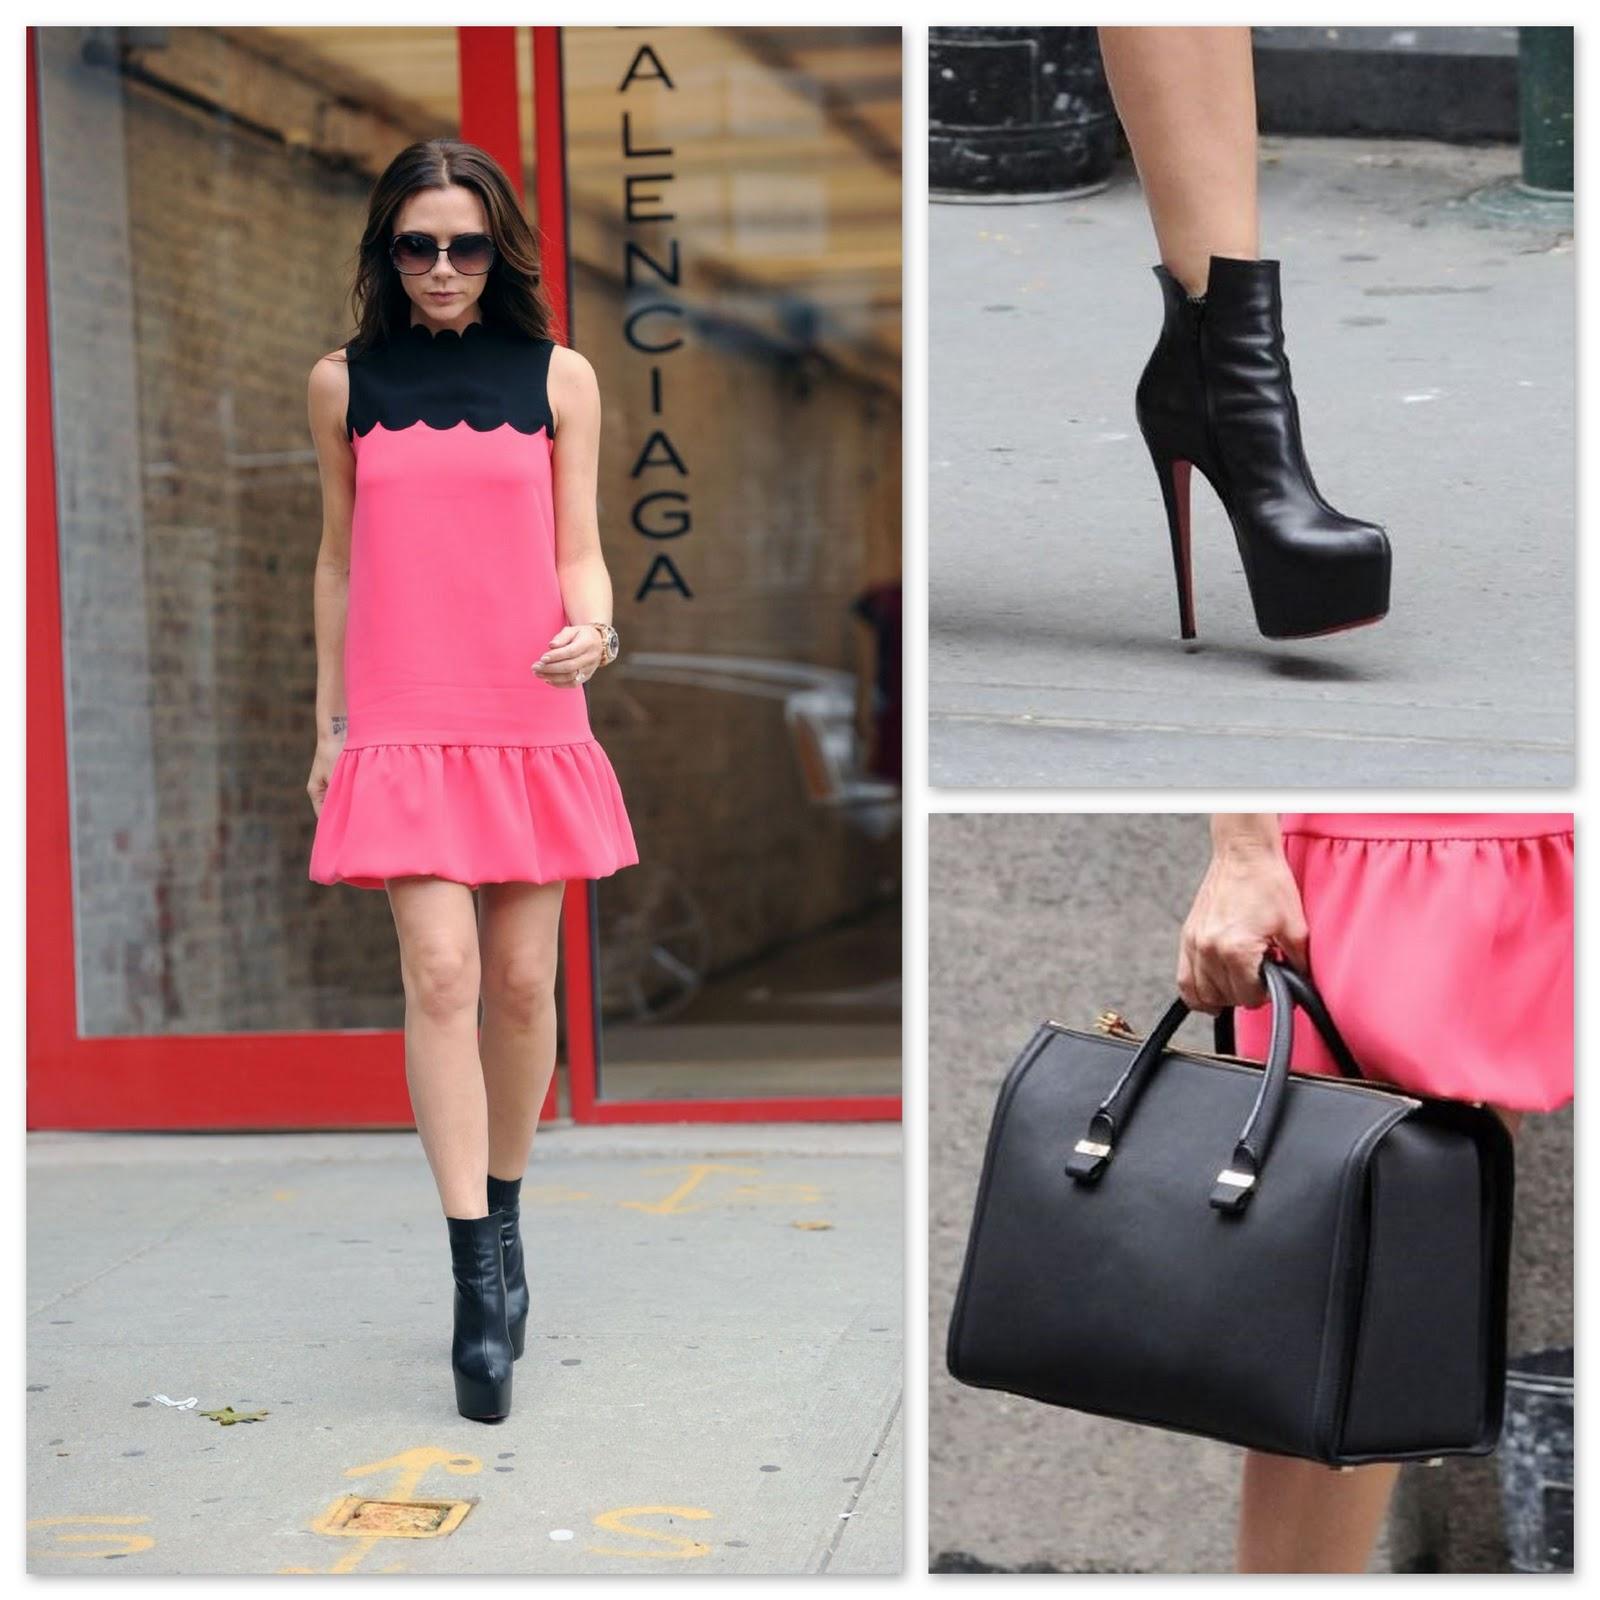 http://3.bp.blogspot.com/-0RJcNMnsS0w/TnVzmRt8gsI/AAAAAAAAFPo/uoGh4sESugg/s1600/best+dressed2.jpg